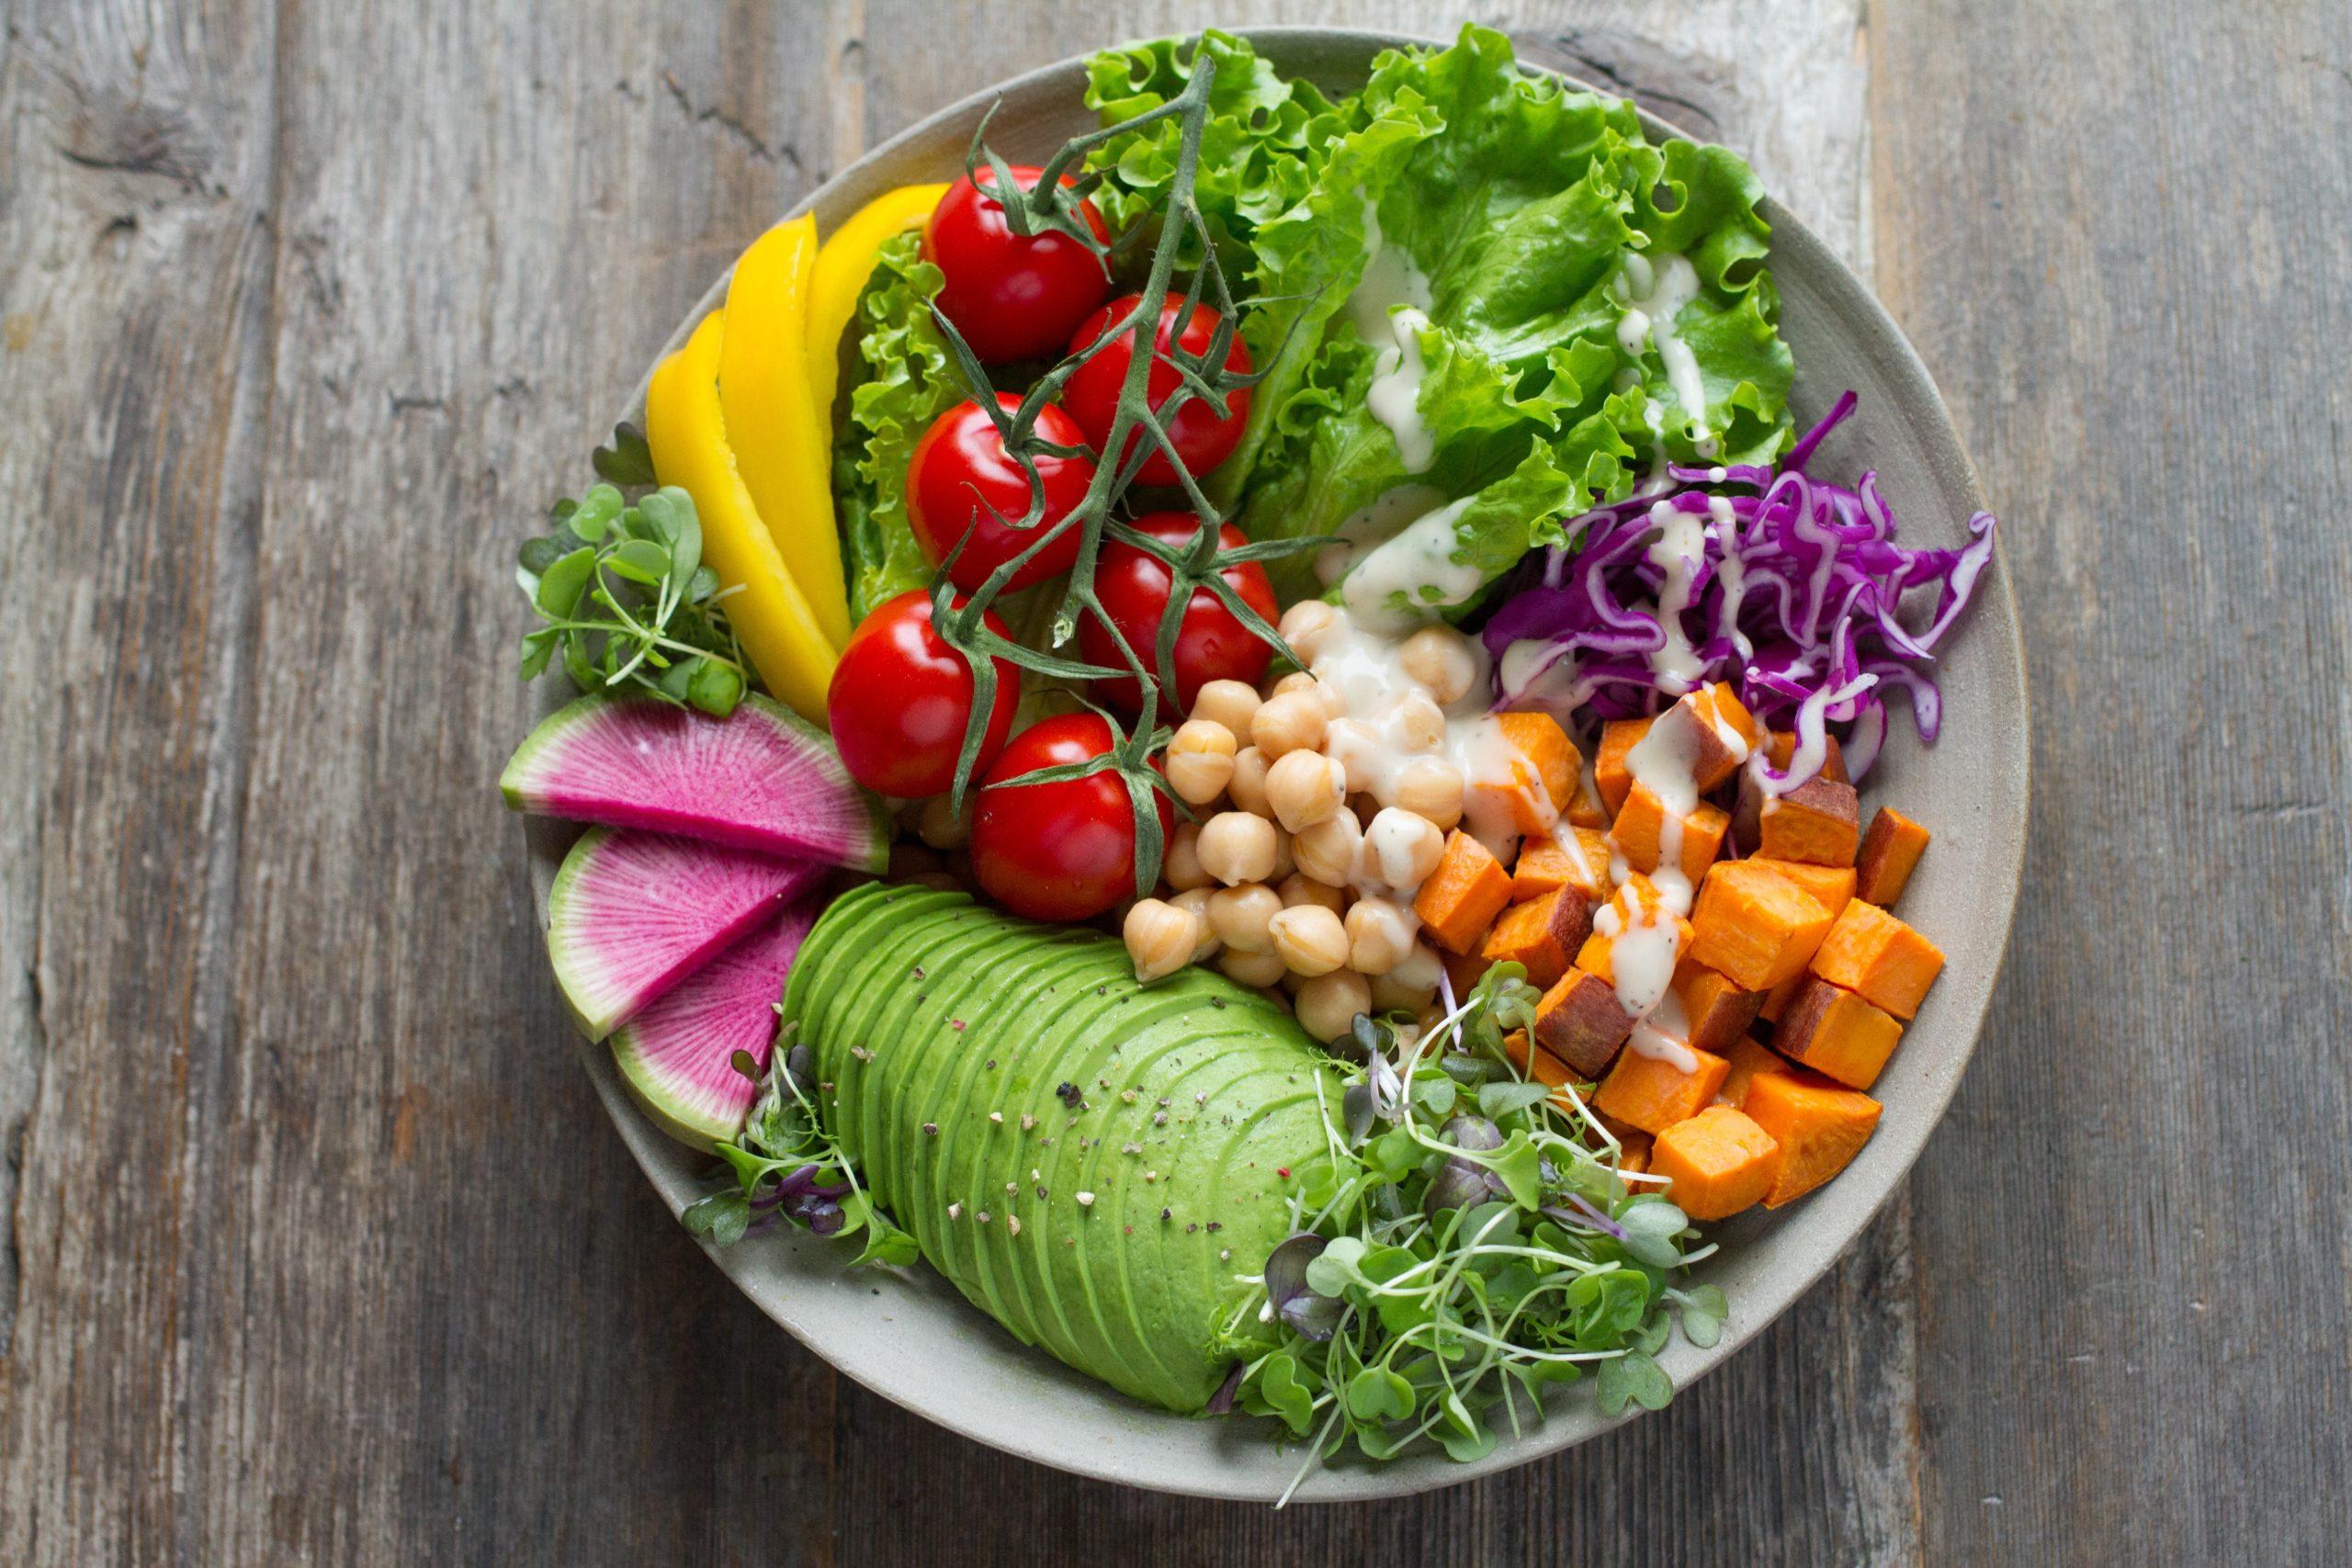 野菜一日500g食うようになったワイに起こった変化www